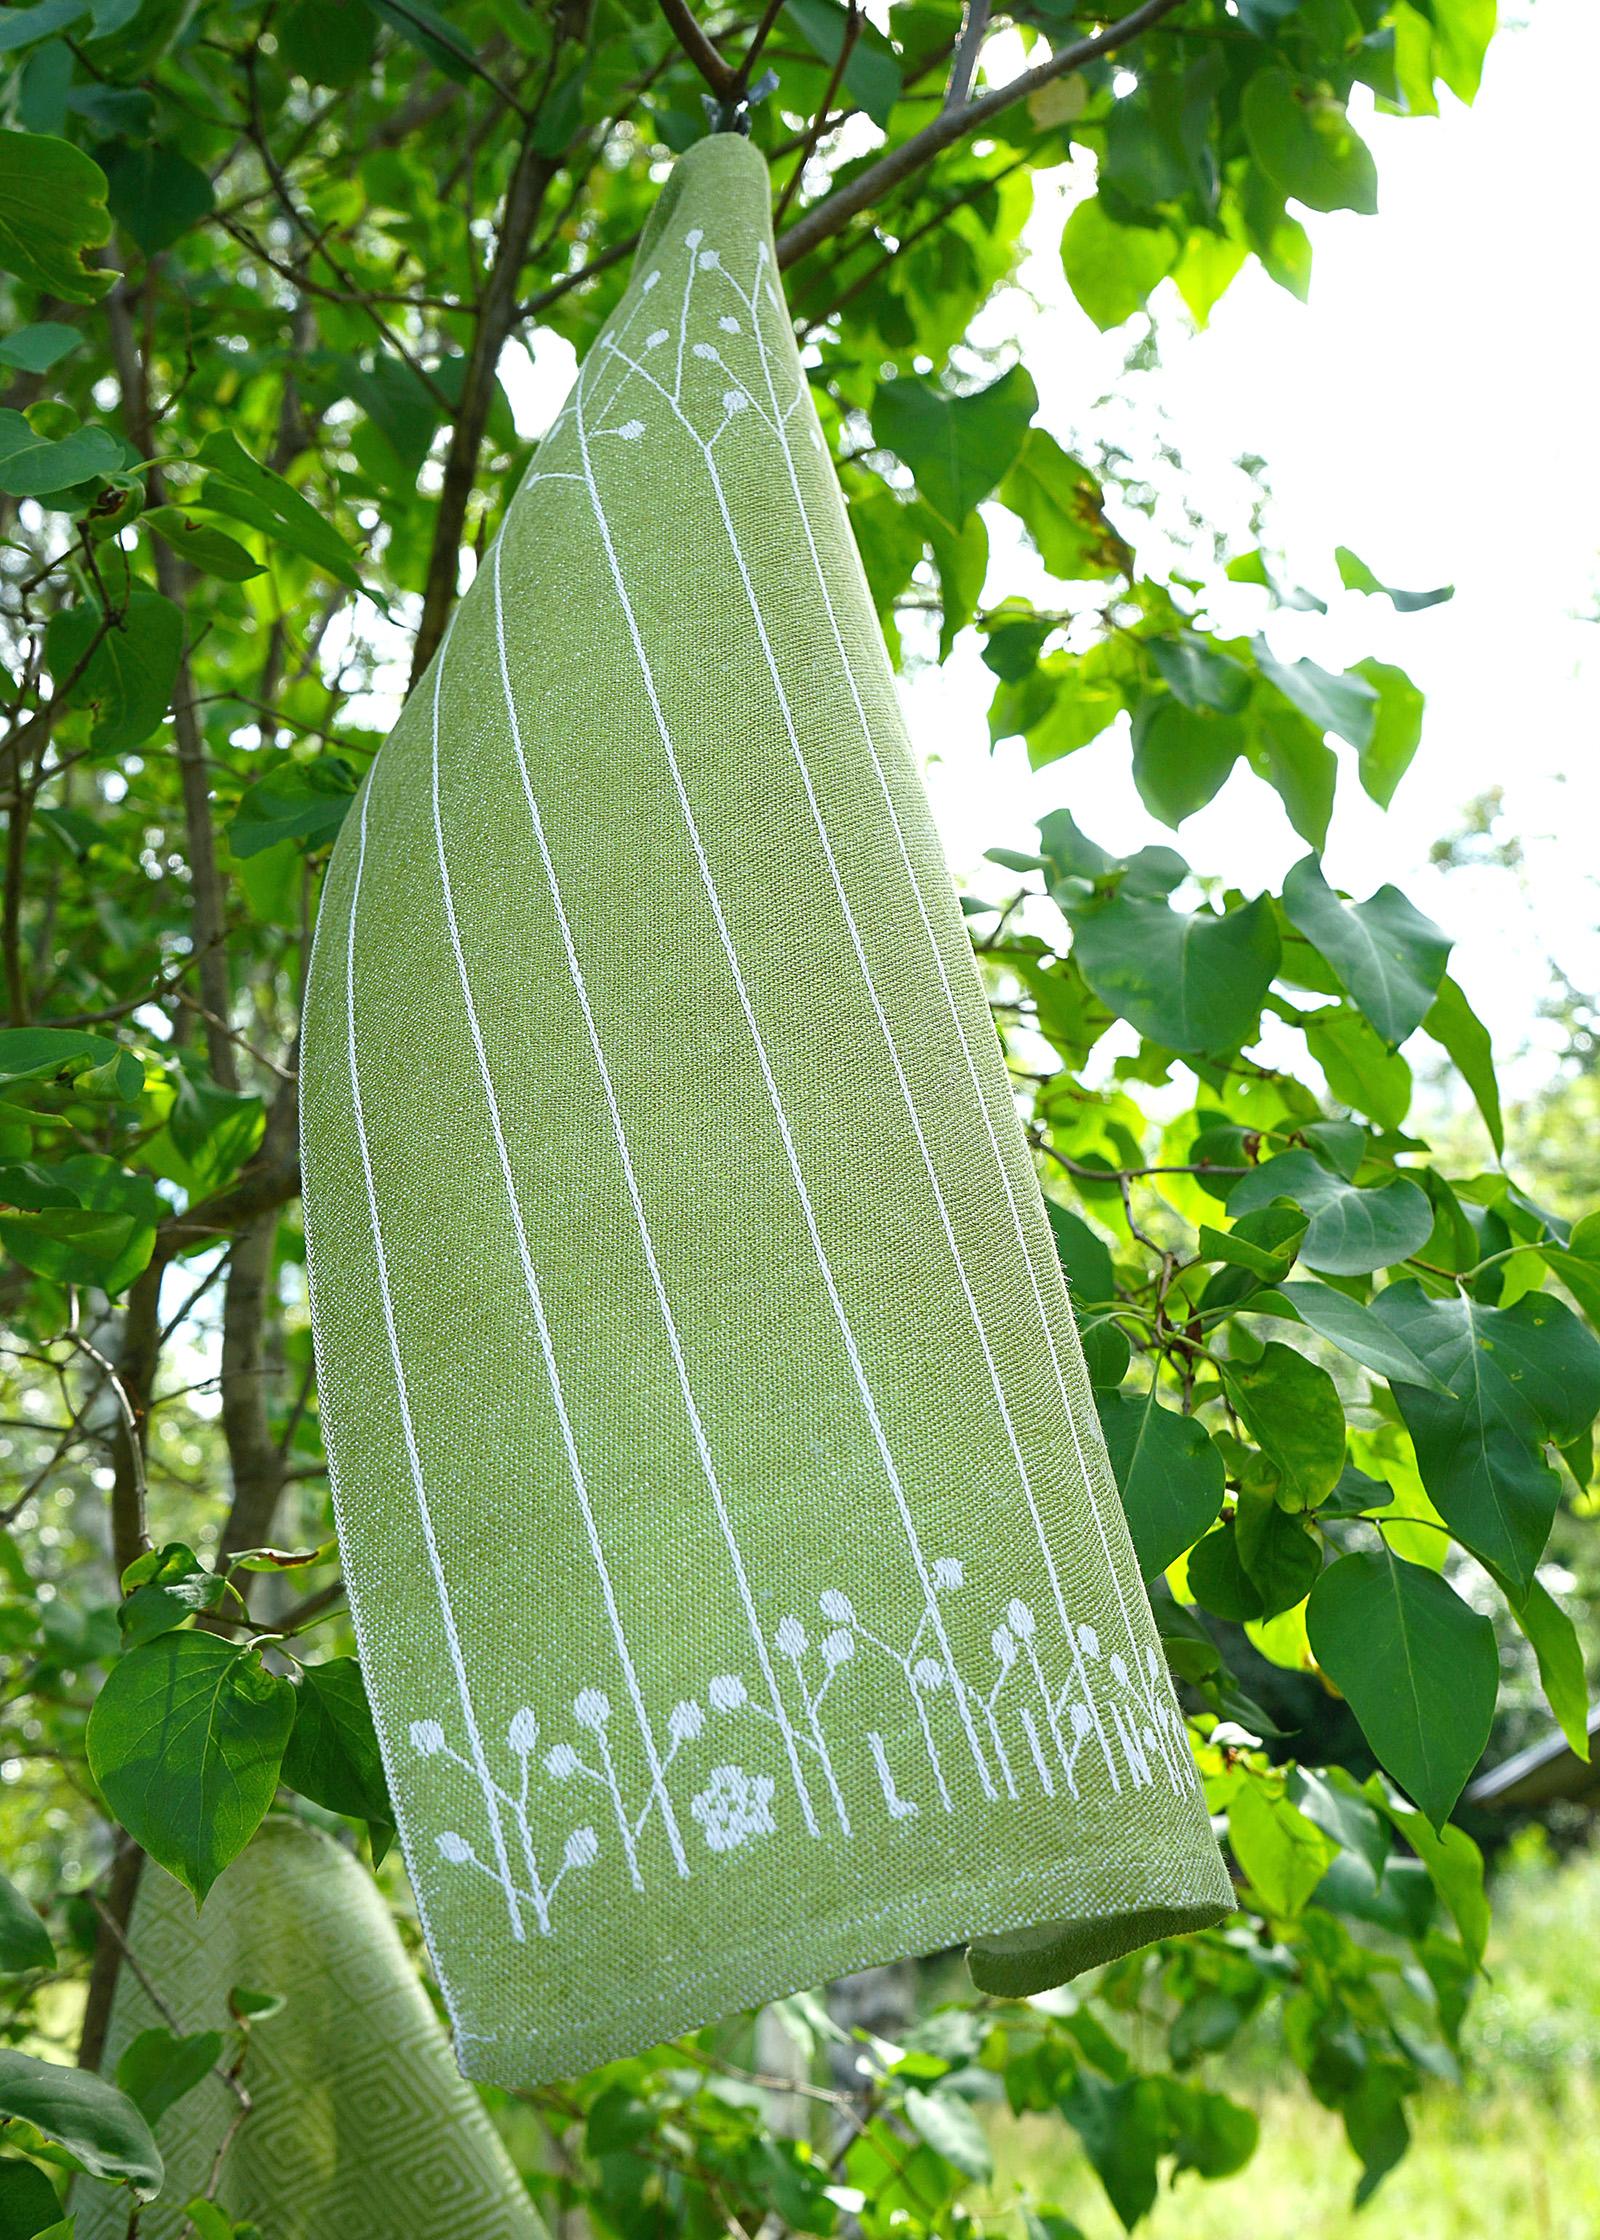 Linsval linnehandduk Klässbols Linneväveri linblomsgrön i träd